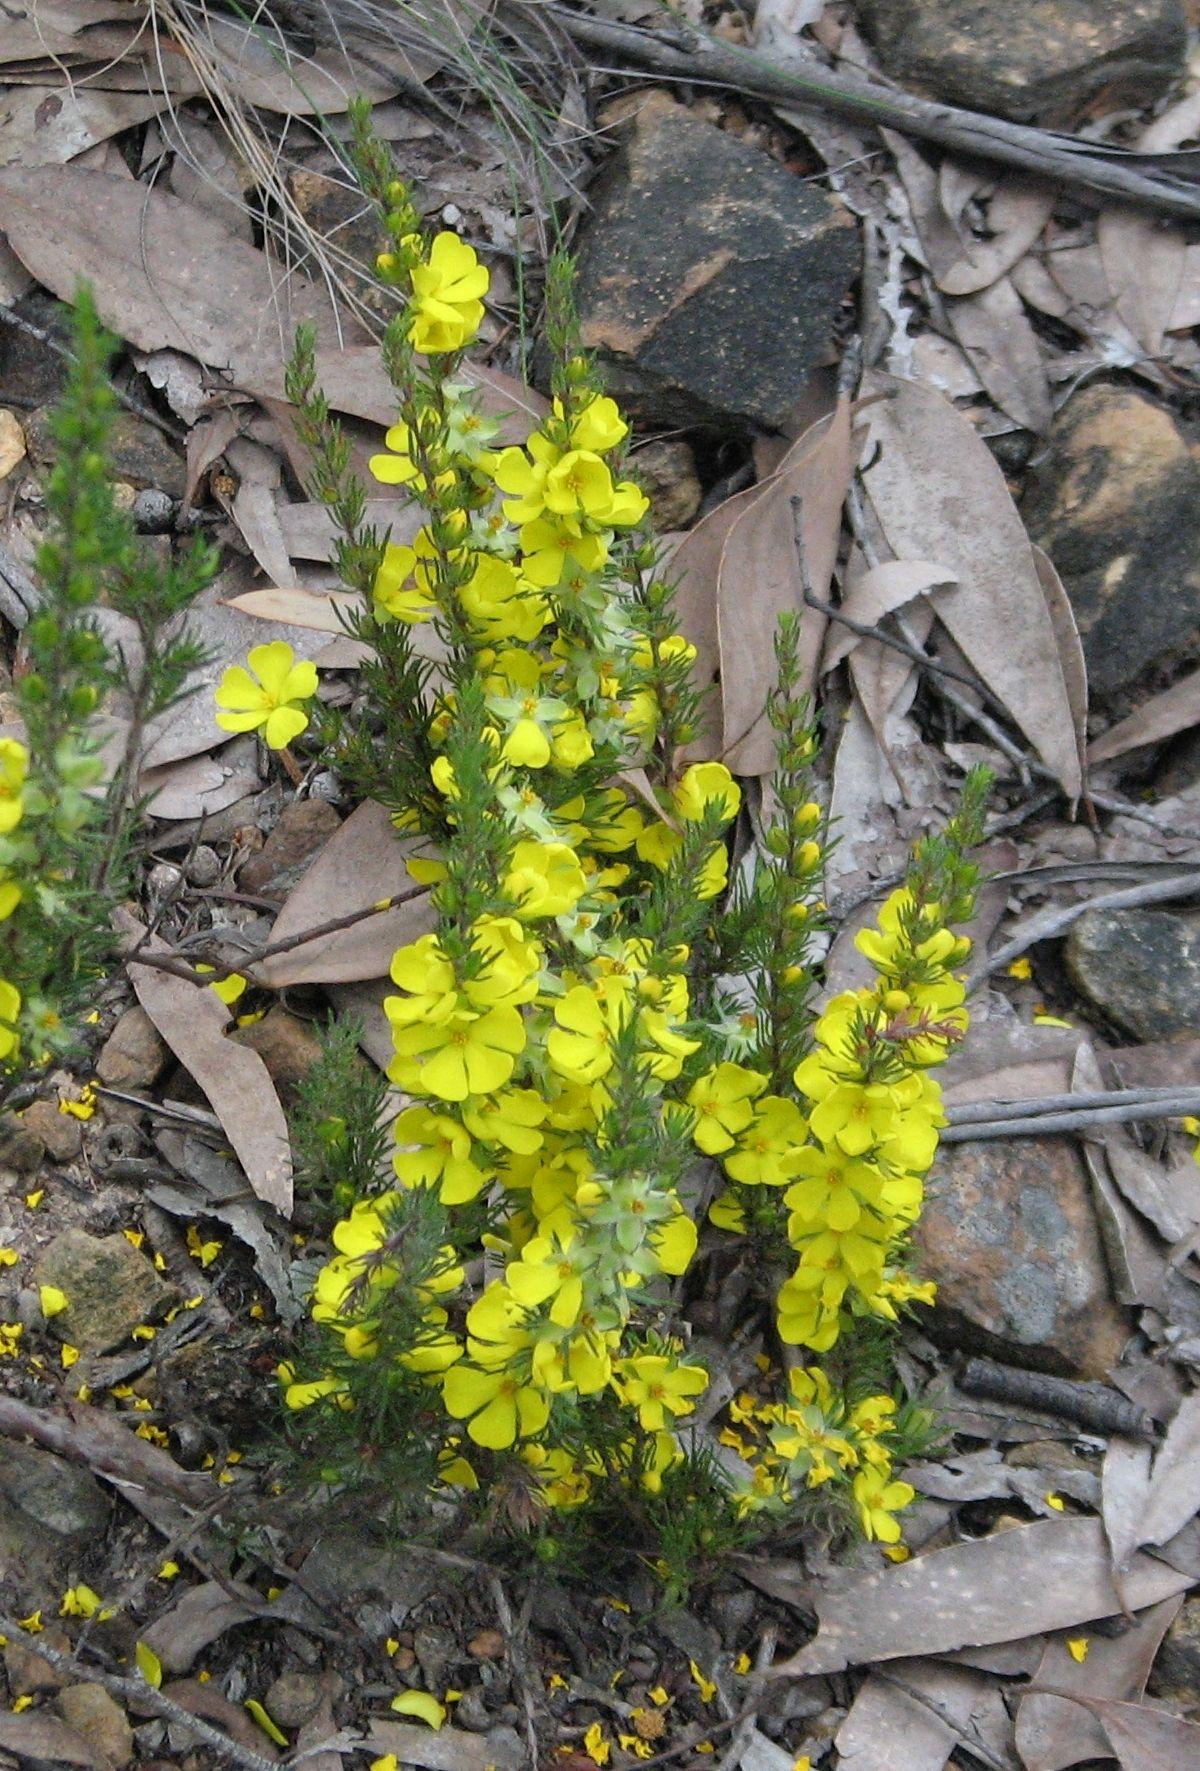 Pin on Australian Flowers